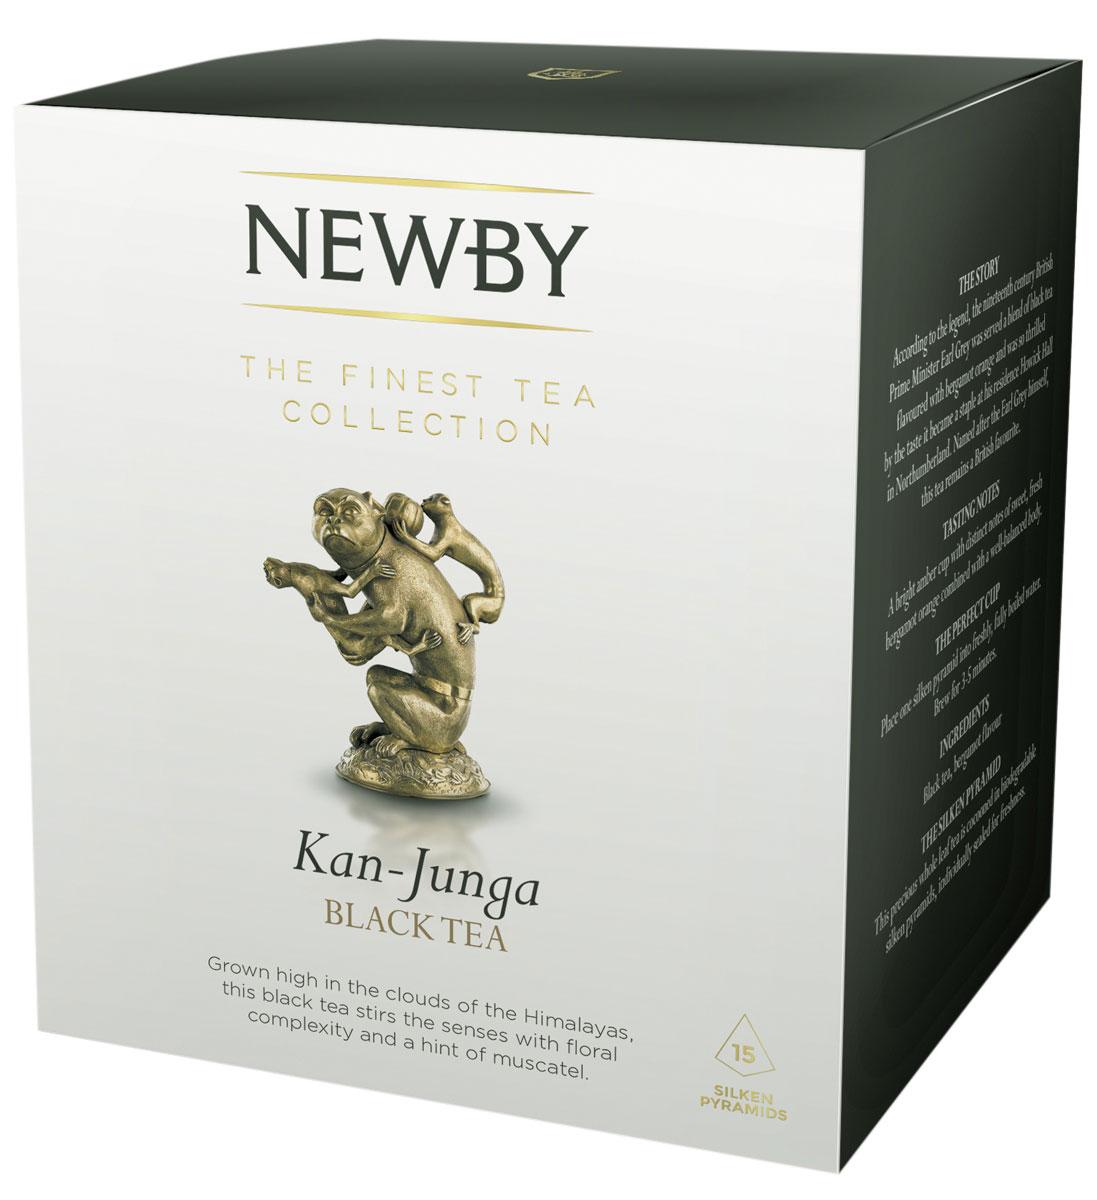 Newby Kan-Junga черный чай в пирамидках, 15 шт601430AСобранный на склонах Гималаев, высокогорный чай весеннего сбора Newby Kan-Junga имеет светлый настой, цветочный аромат и легкий мускатный привкус. Каждая пирамидка упакована в индивидуальное саше из алюминиевой фольги для сохранения свежести чайного листа.